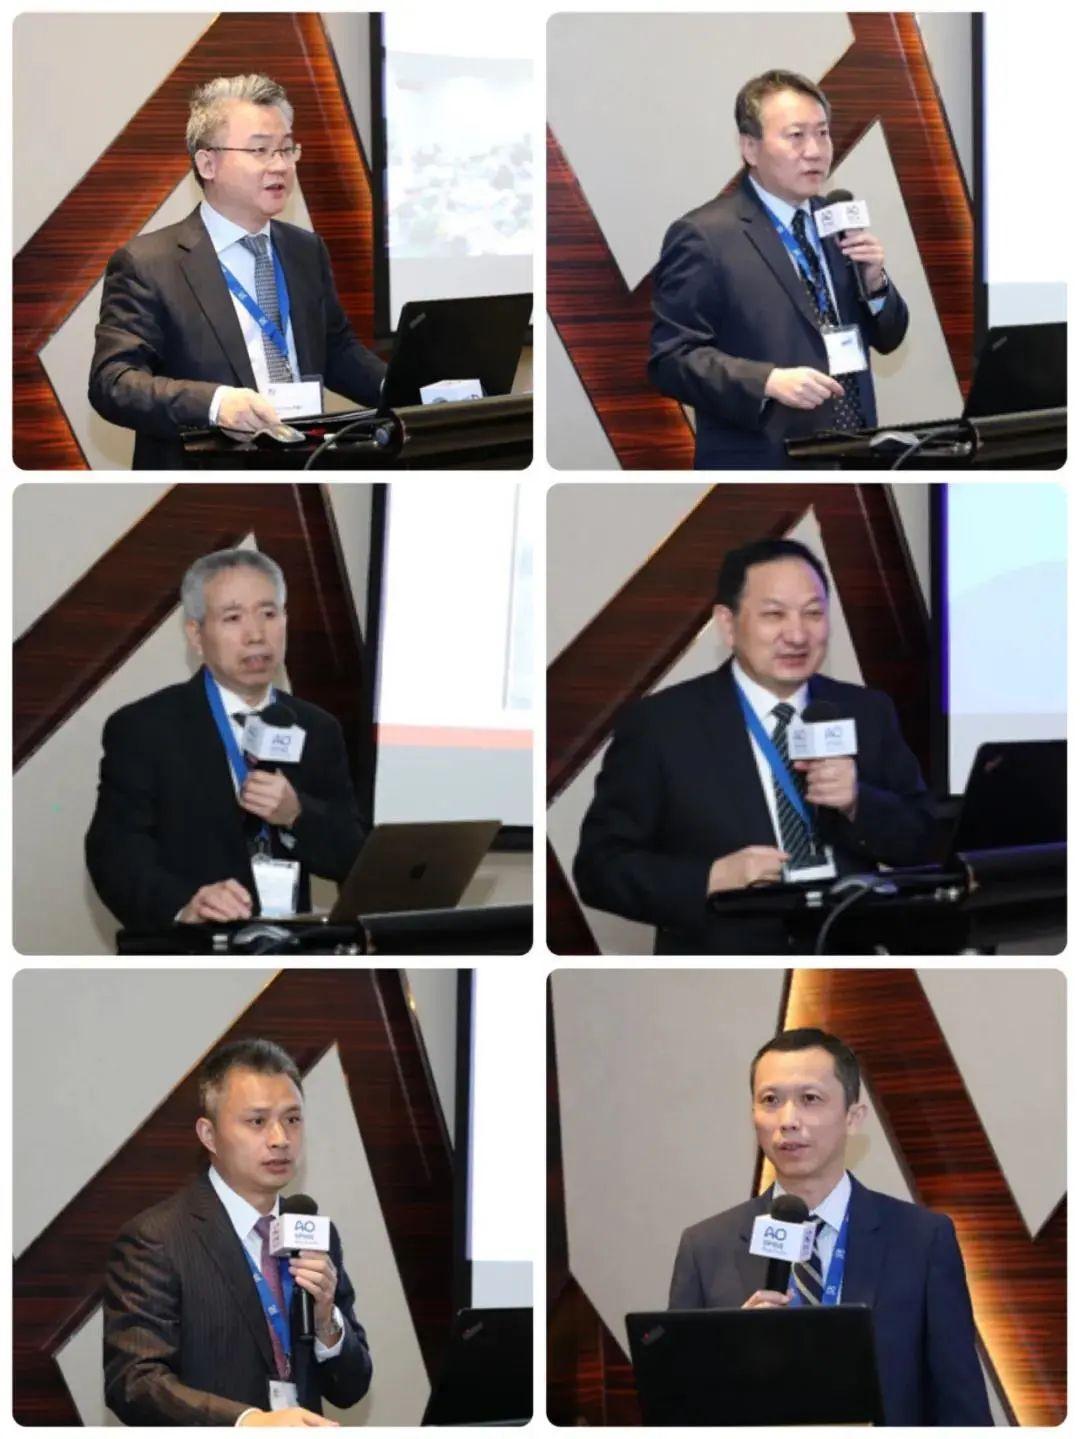 脊柱脊髓损伤与微创修复策略在上海市成功举办